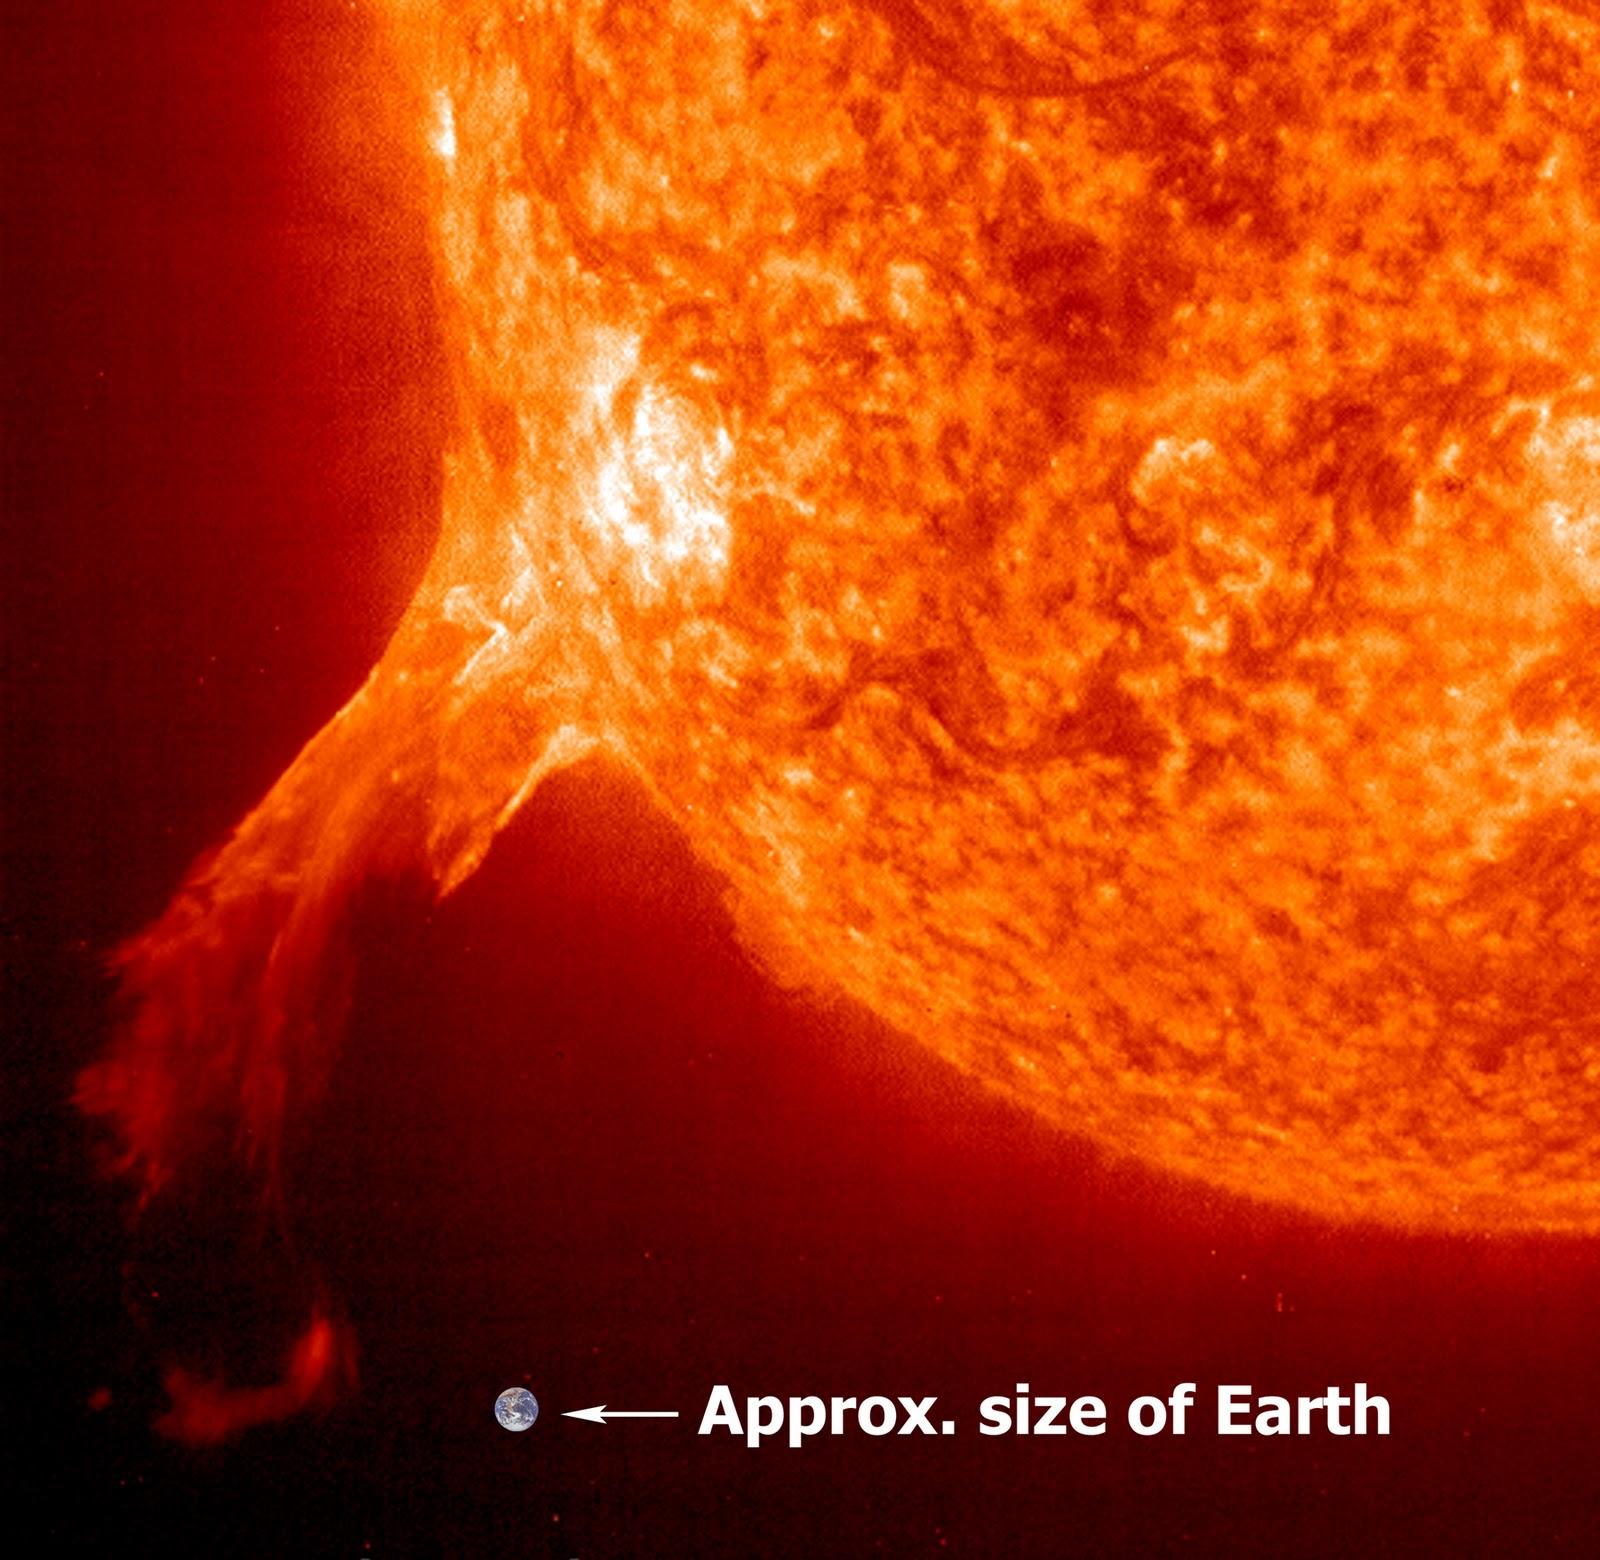 http://3.bp.blogspot.com/_vIeLk73LJ1Y/TS25pmN6edI/AAAAAAAAACc/ZGIXlfRluvE/s1600/Solar+Prominence.jpg